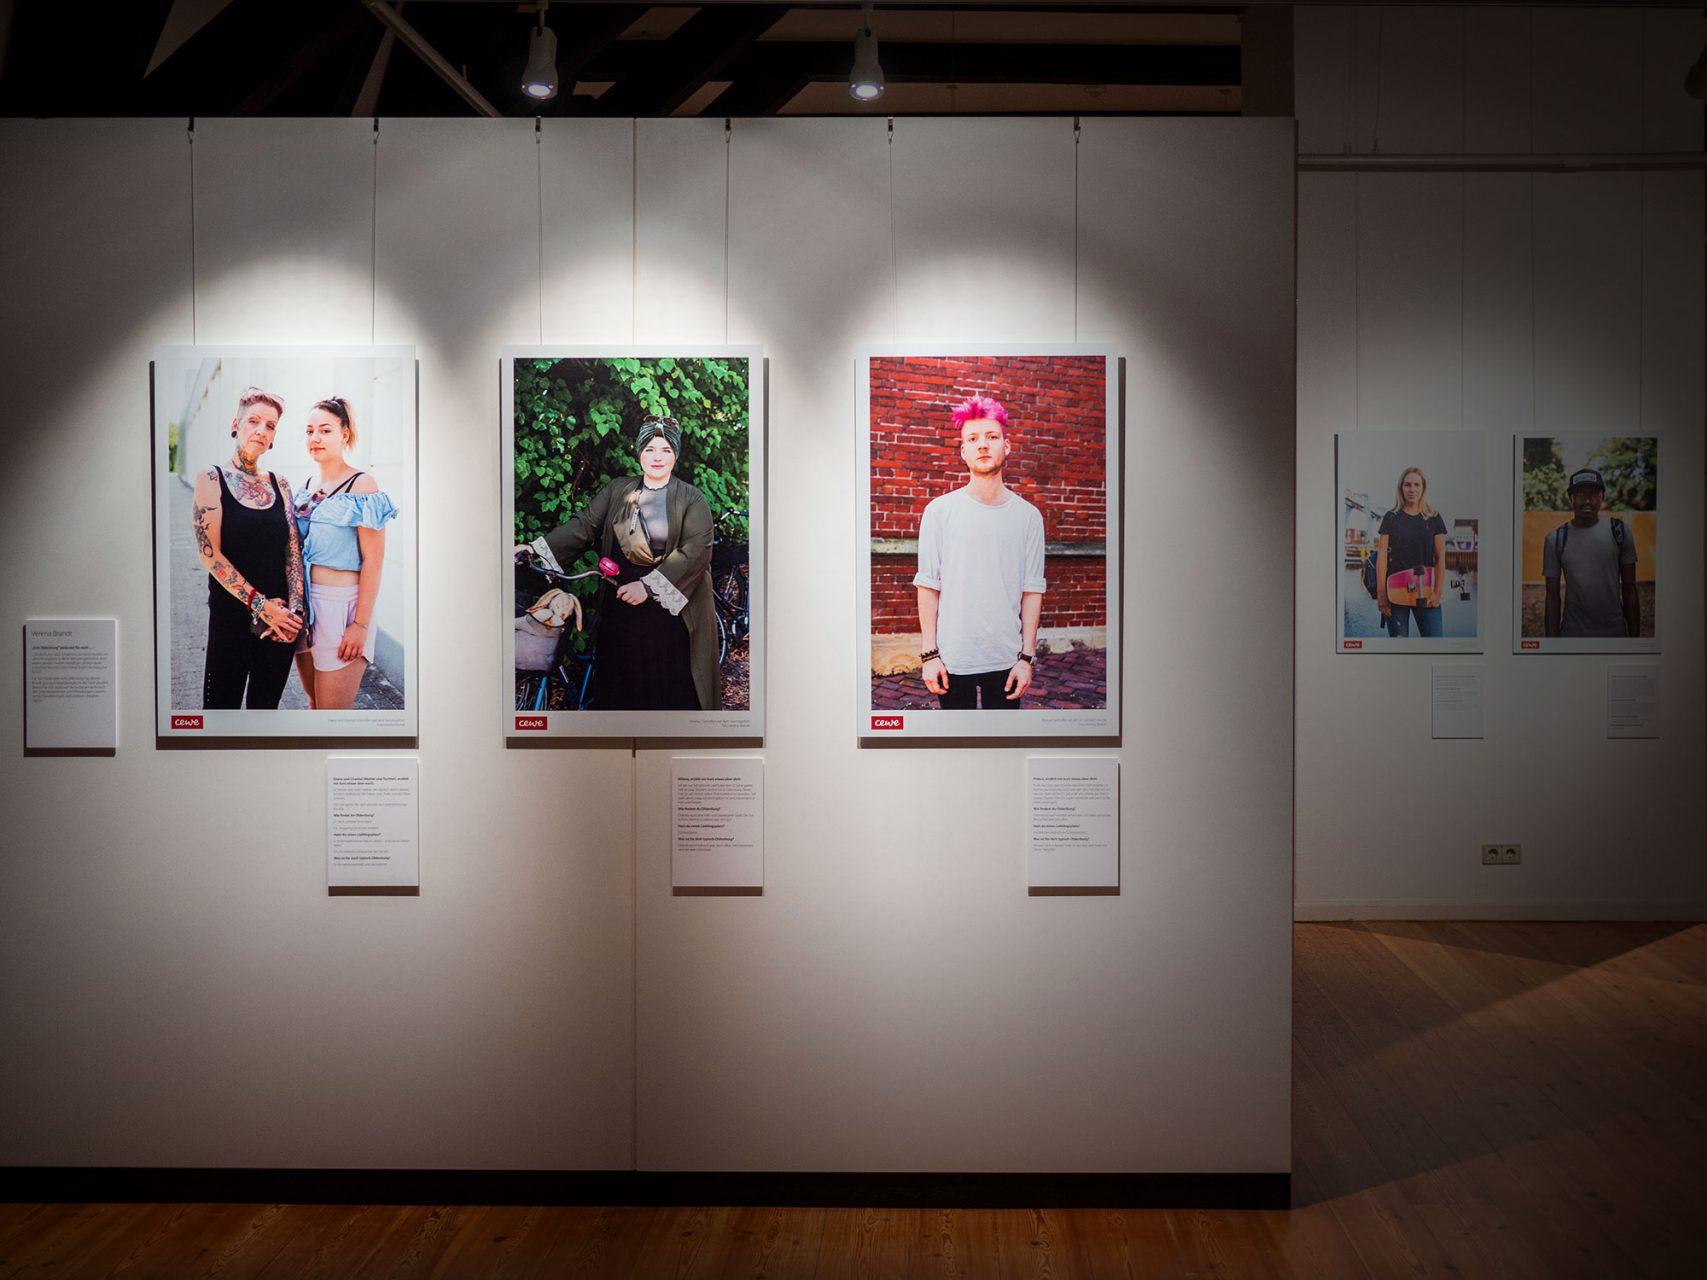 Portraits, Echt Oldenburg, Landesmuseum für Kunst und Kulturgeschichte Oldenburg, 2018